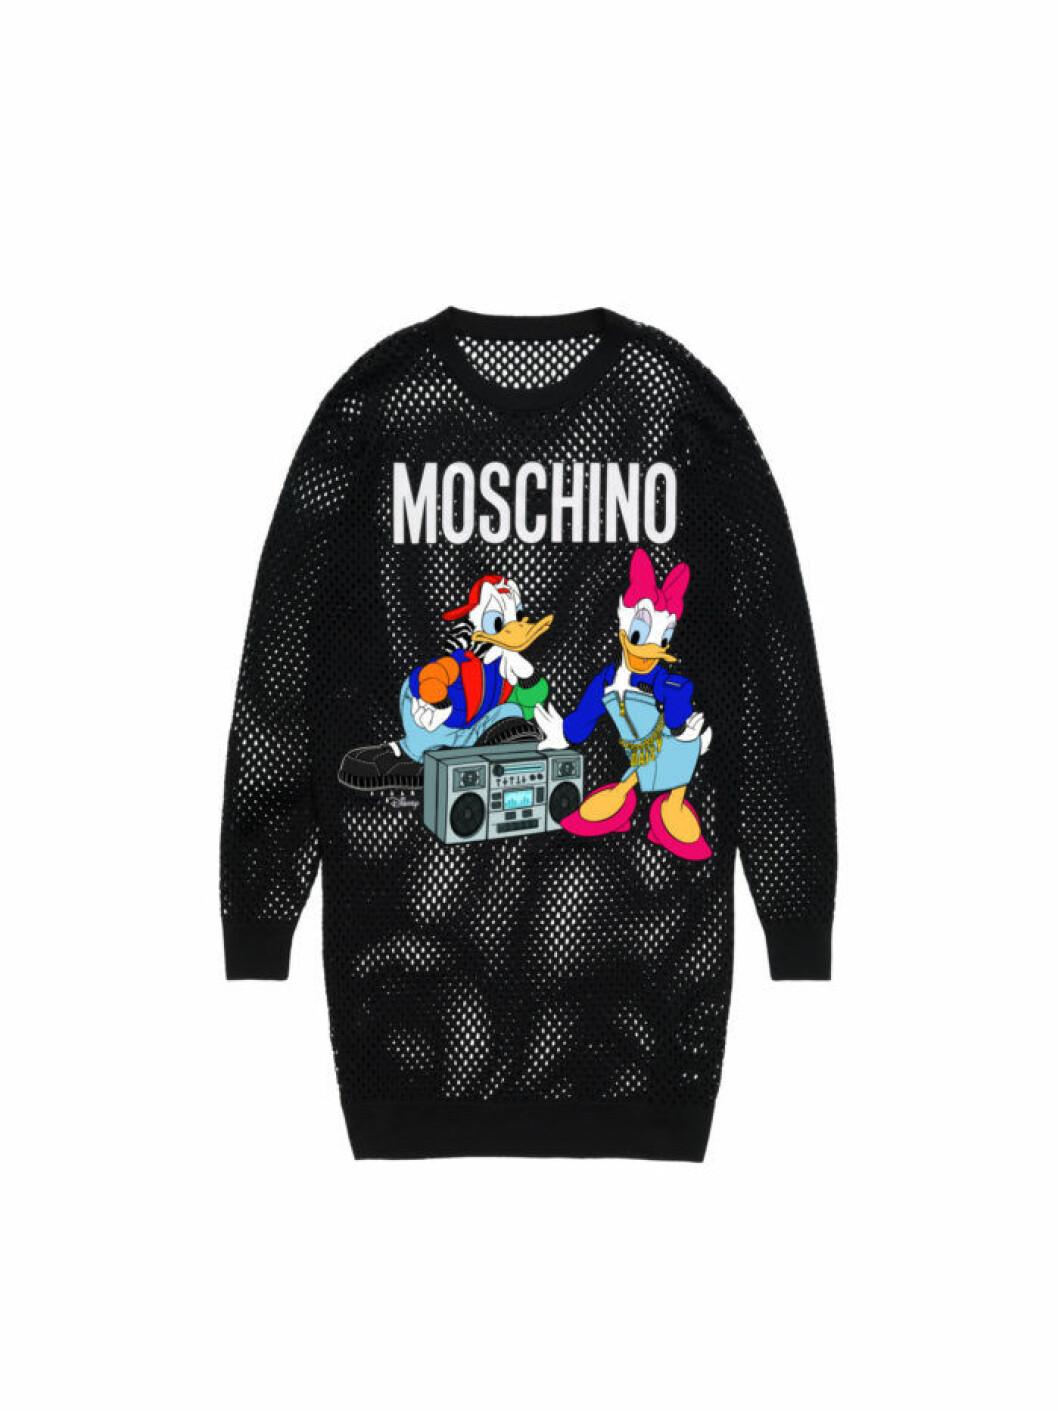 Kalle och Kajsa Anka på en oversize tröja i mesh Moschino [tv] H&M